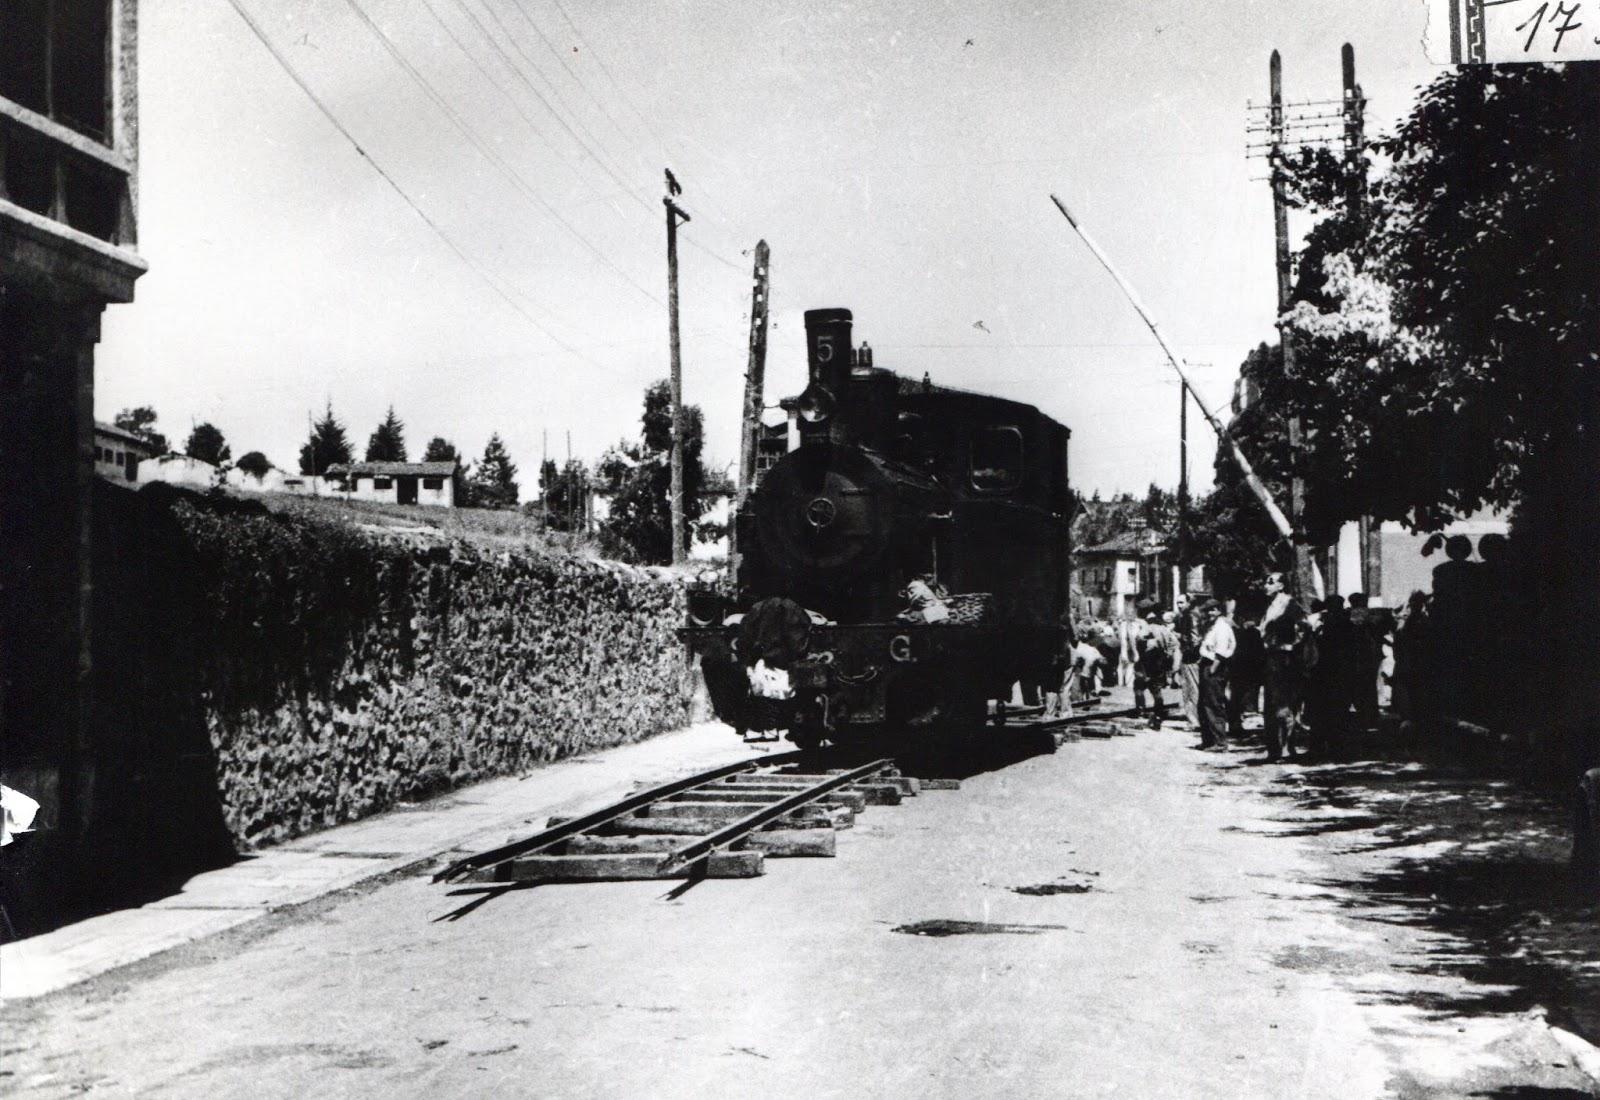 Sadaba a Gallur locomotora nº 5 alquilada al Amorebieta a G. y P. archivo Gernikazarra Historia Taldea